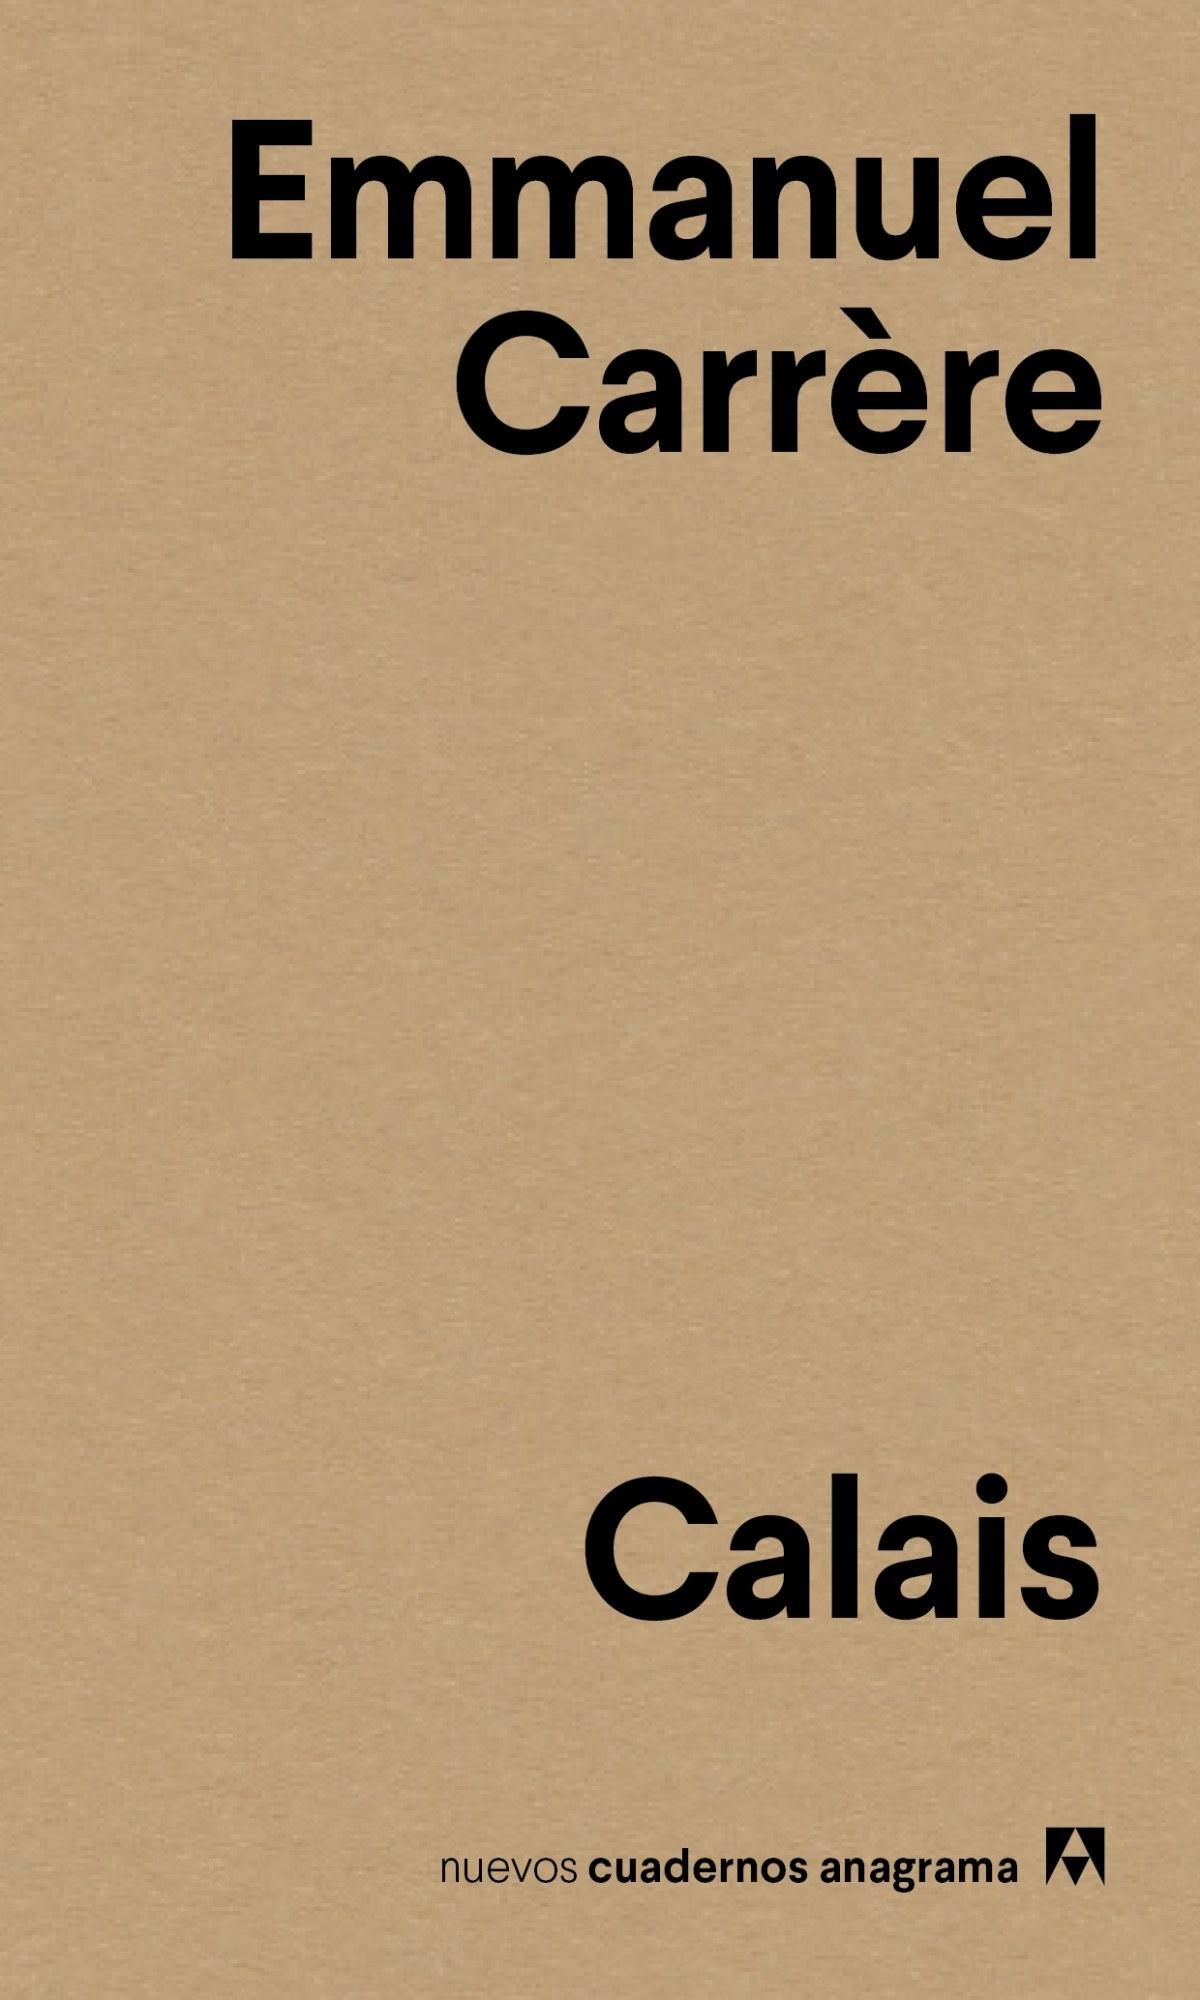 CALAIS 9788433916136